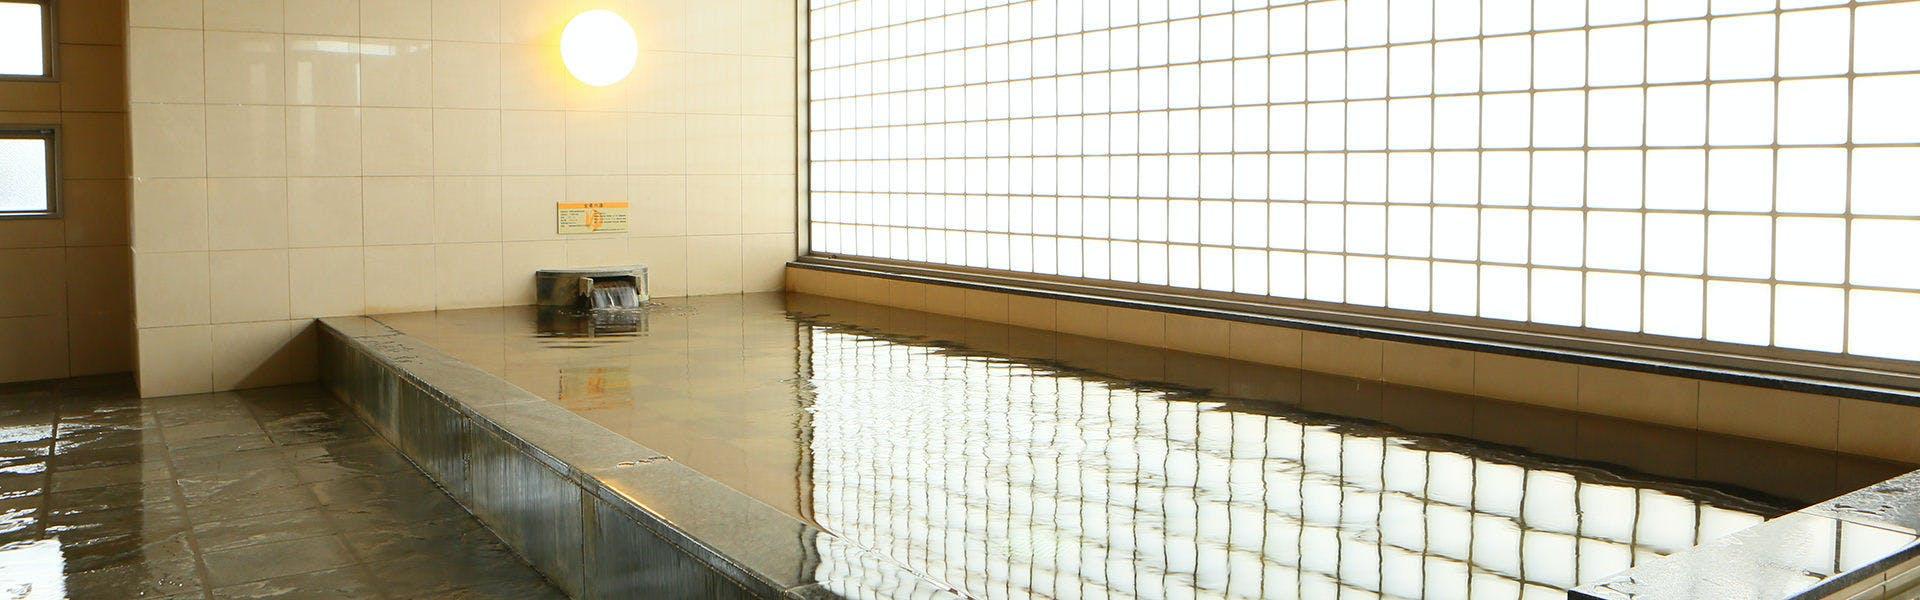 記念日におすすめのホテル・【アパホテル〈高崎駅前〉】 の空室状況を確認するの写真3